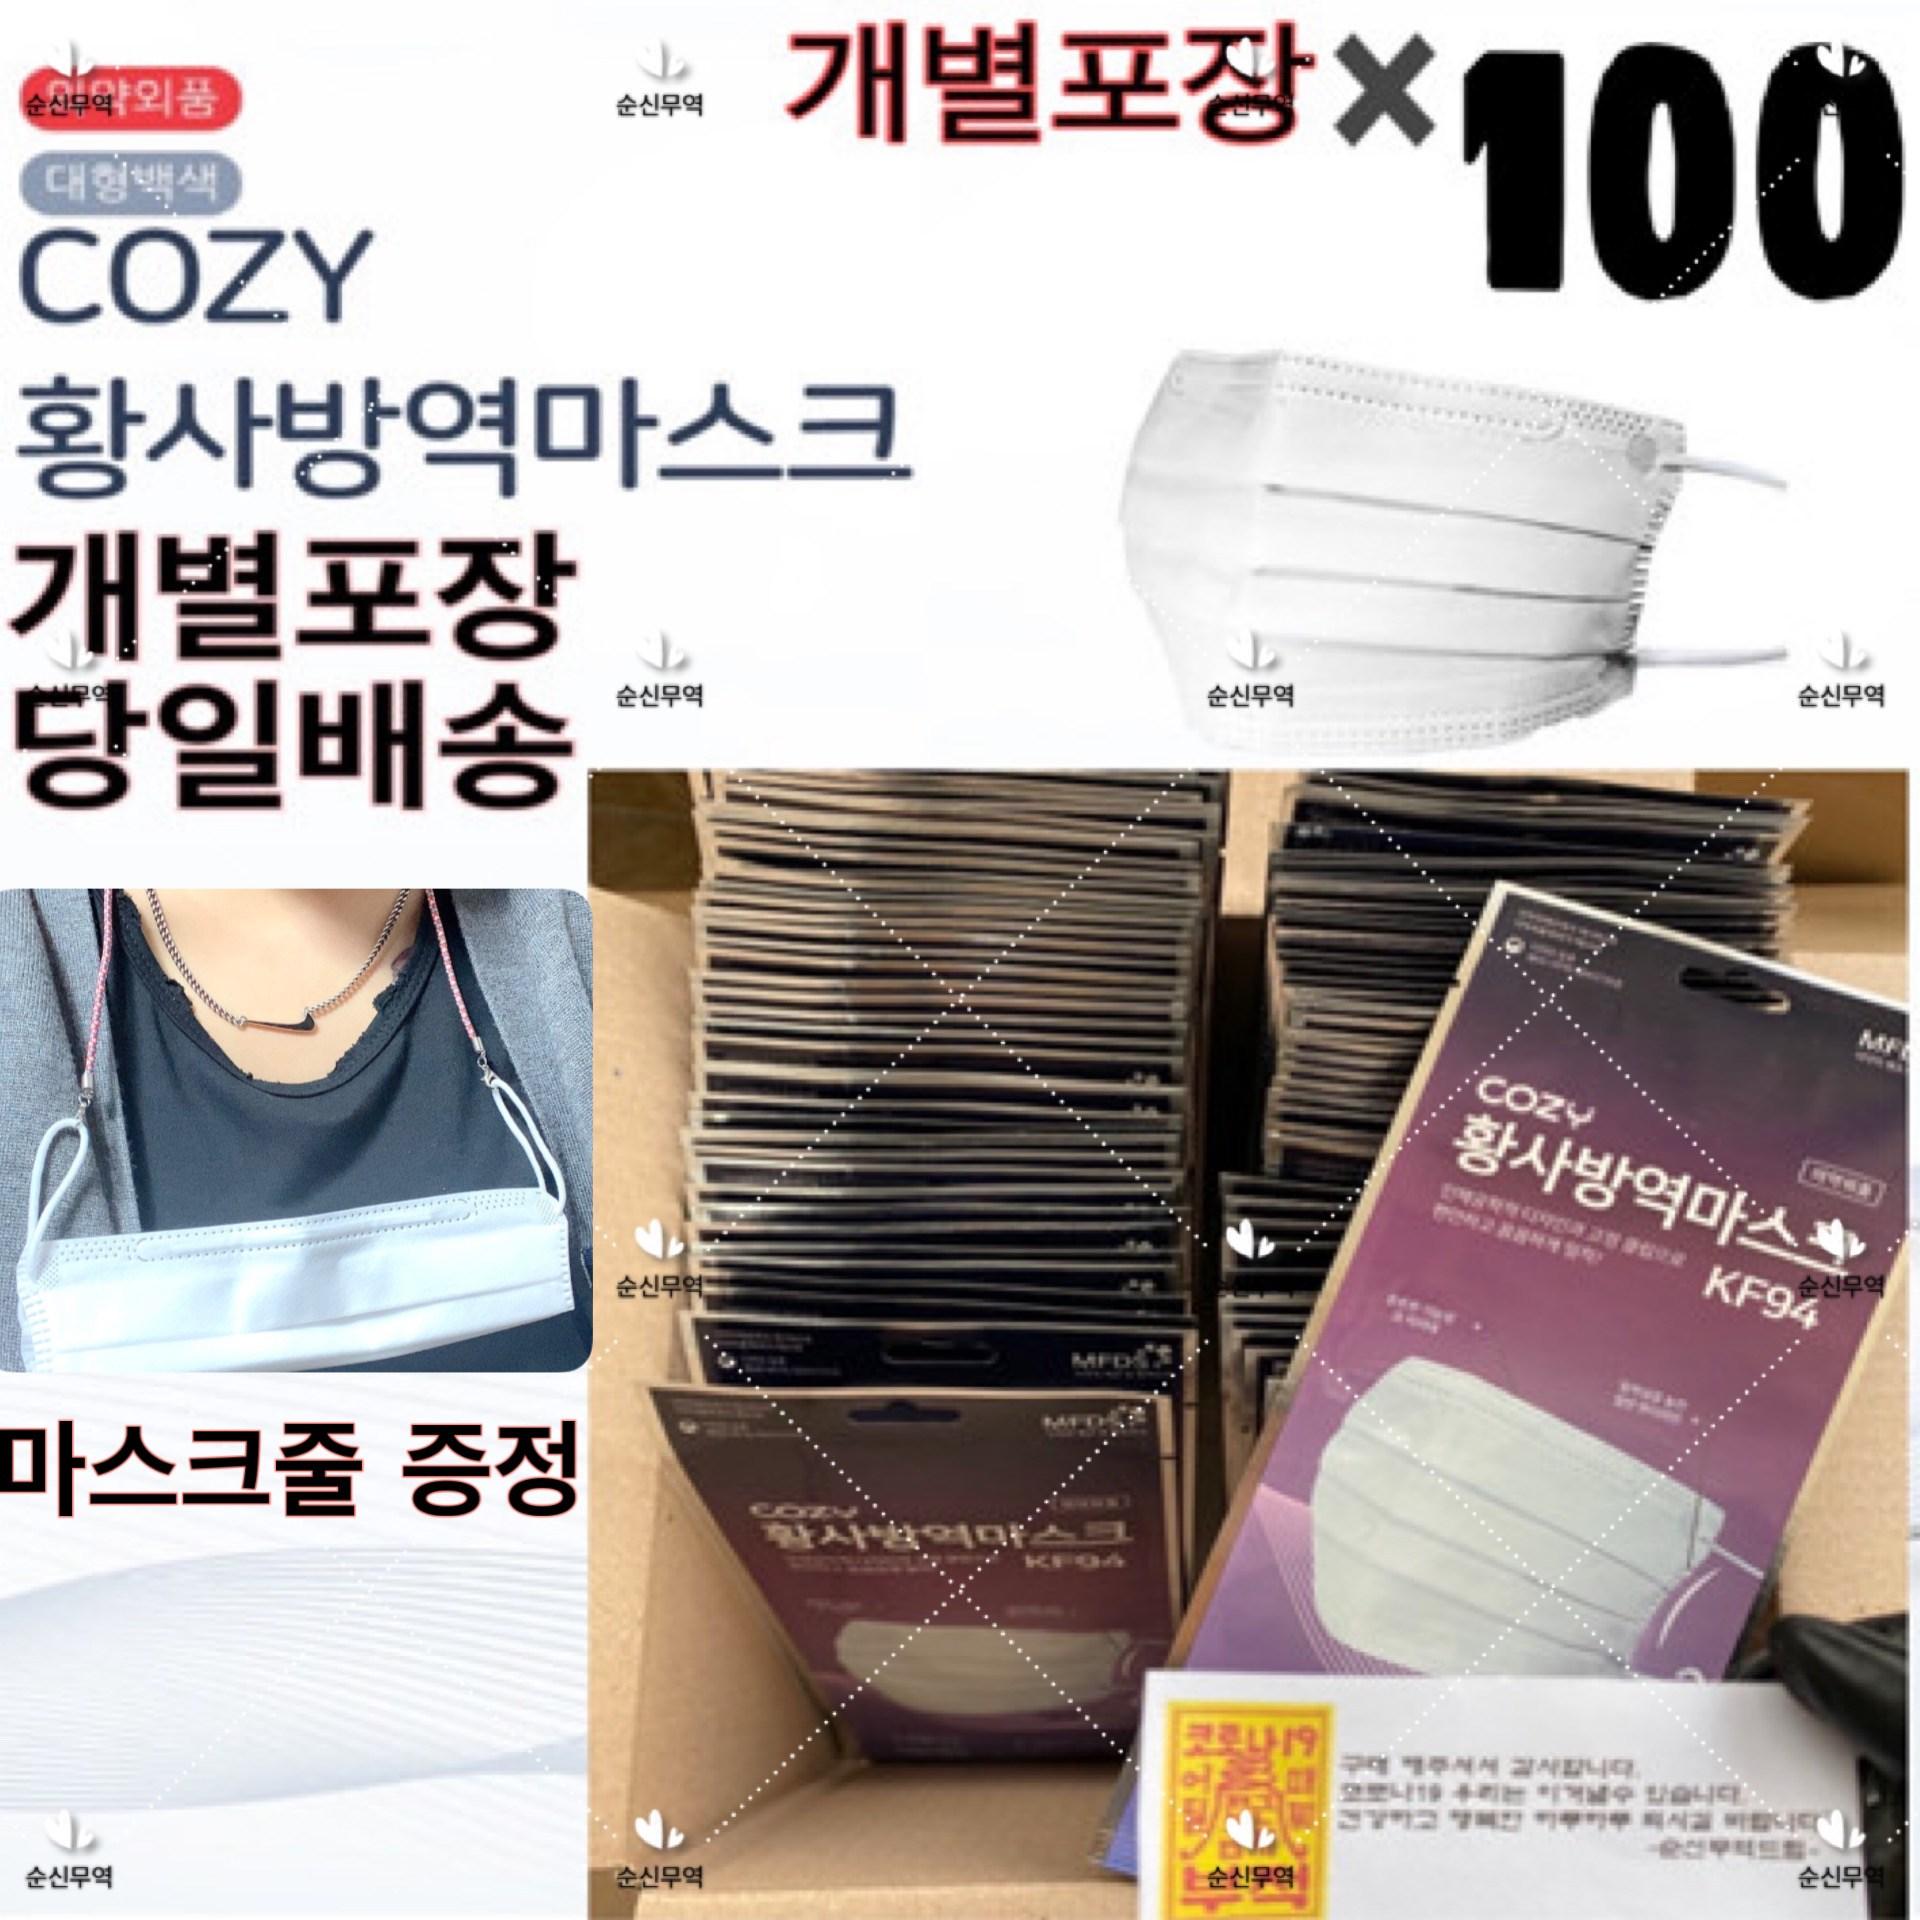 (타임세일)코지COZY KF94 황사방역마스크 개별포장X50_X100개 화이트 국내원단 마스크줄증정 당일배송, 1개입, 100개